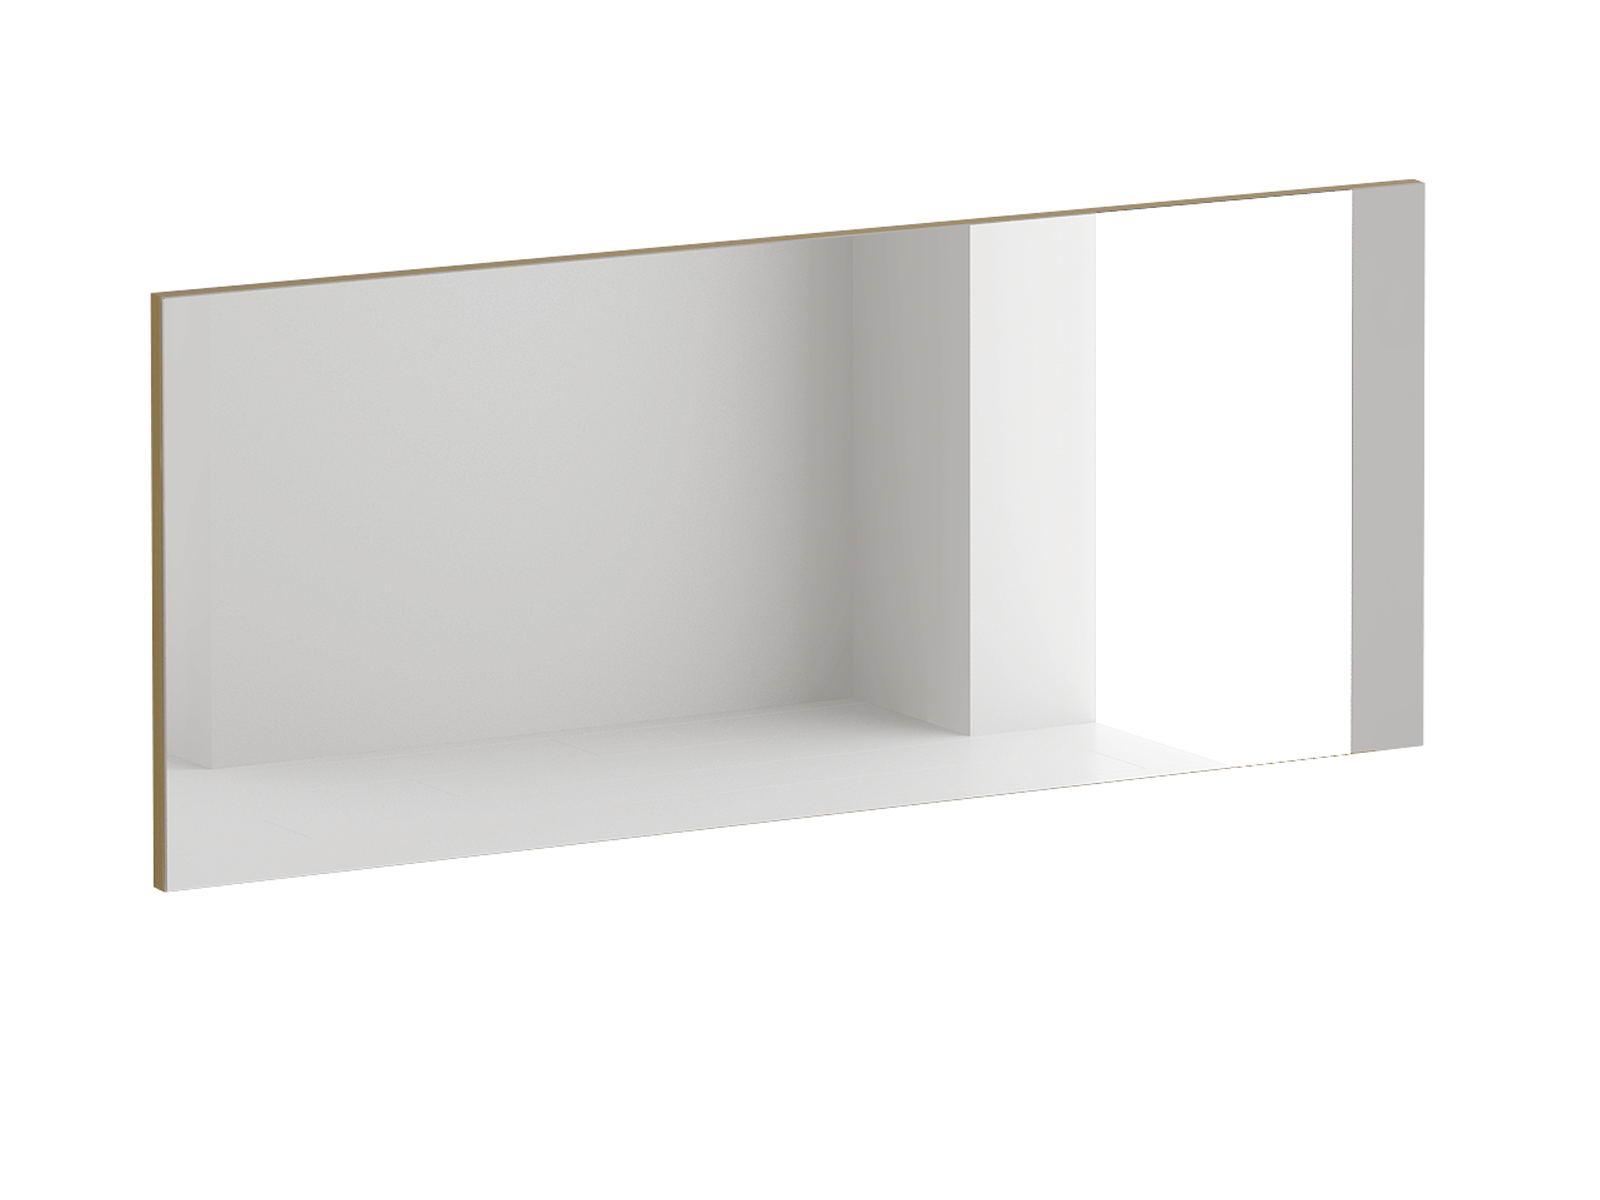 Зеркало IntraЗеркала<br>Зеркало настенное, может крепиться как в горизонтальном, так и в вертикальном положении.<br>